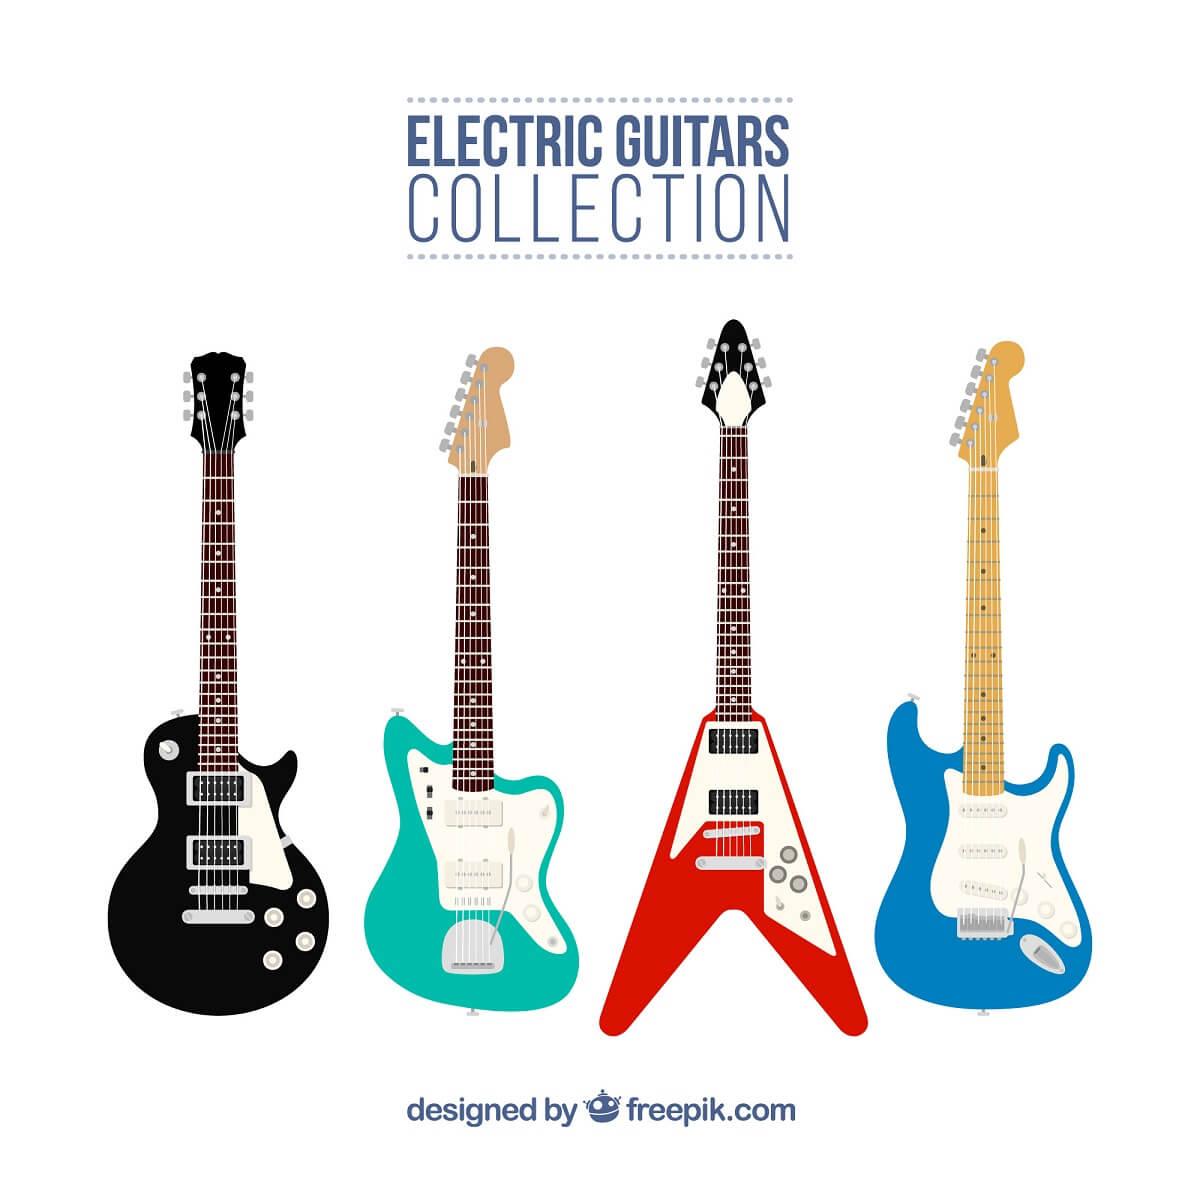 エレキギターが4つ並んでいる様子。